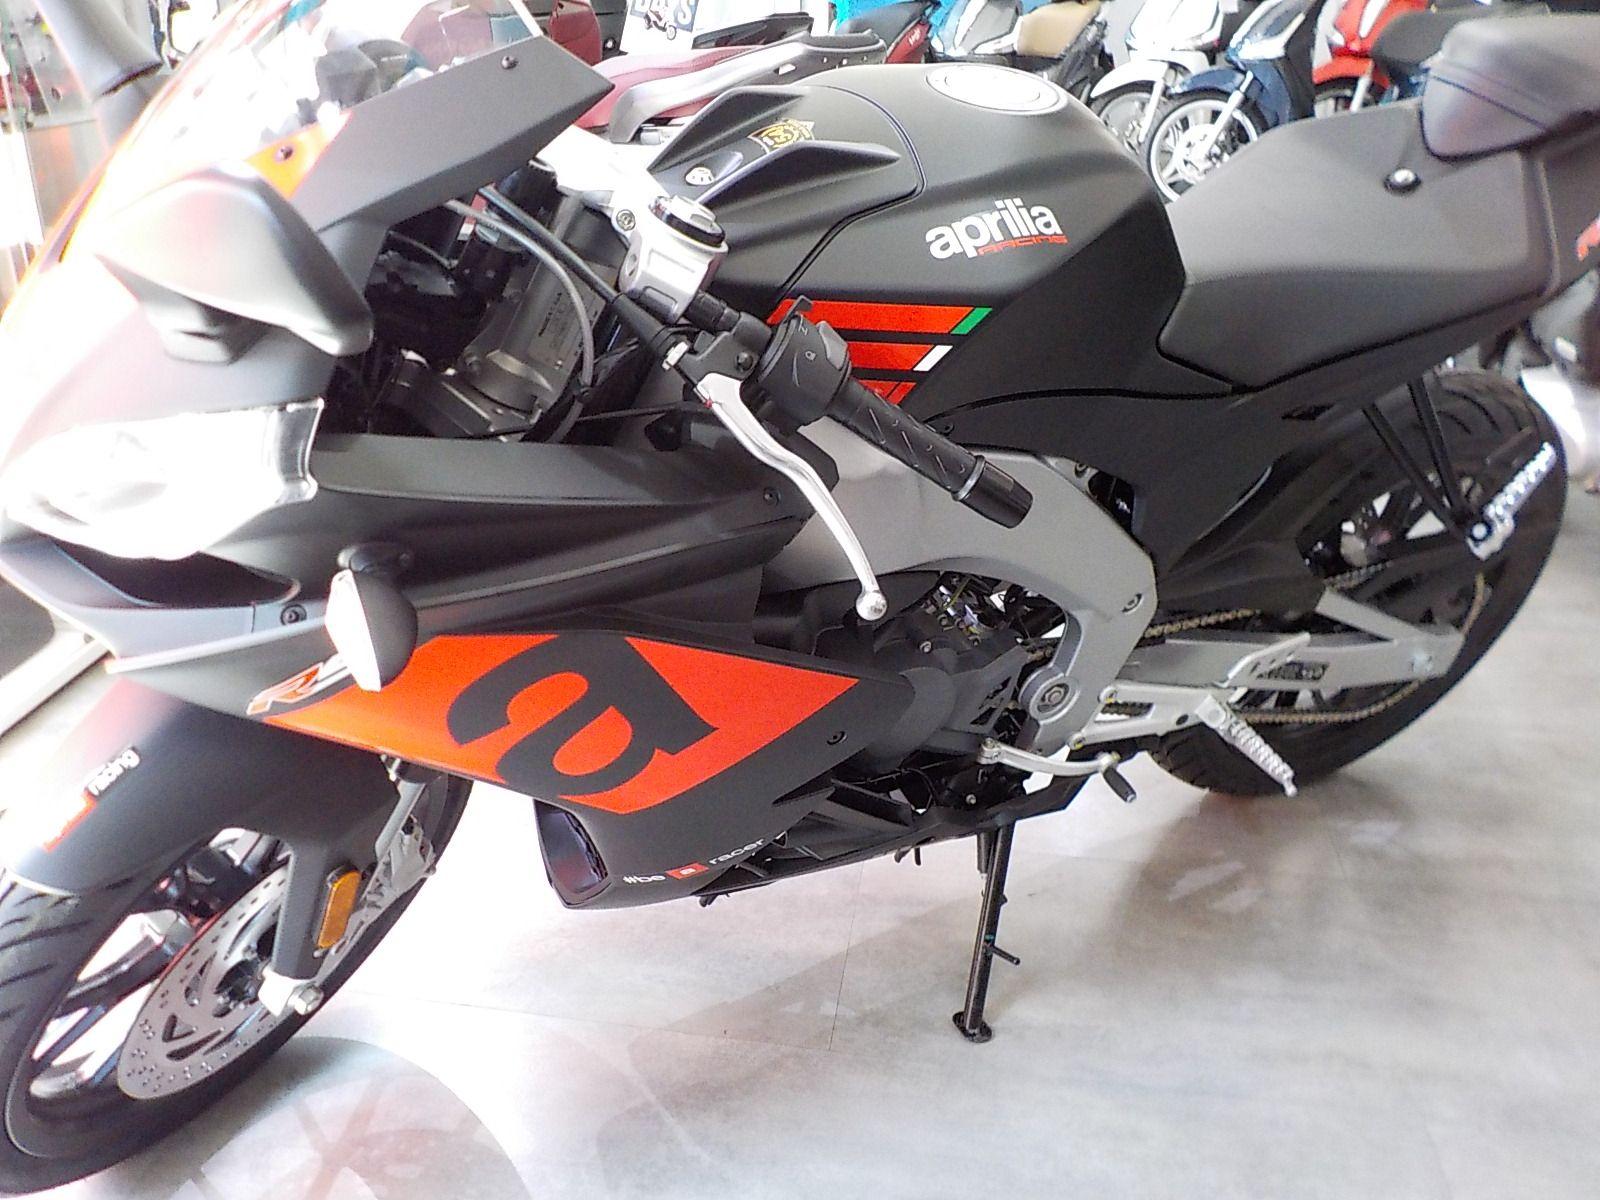 Nueva gama de motos Aprilia 125 modelos 2018